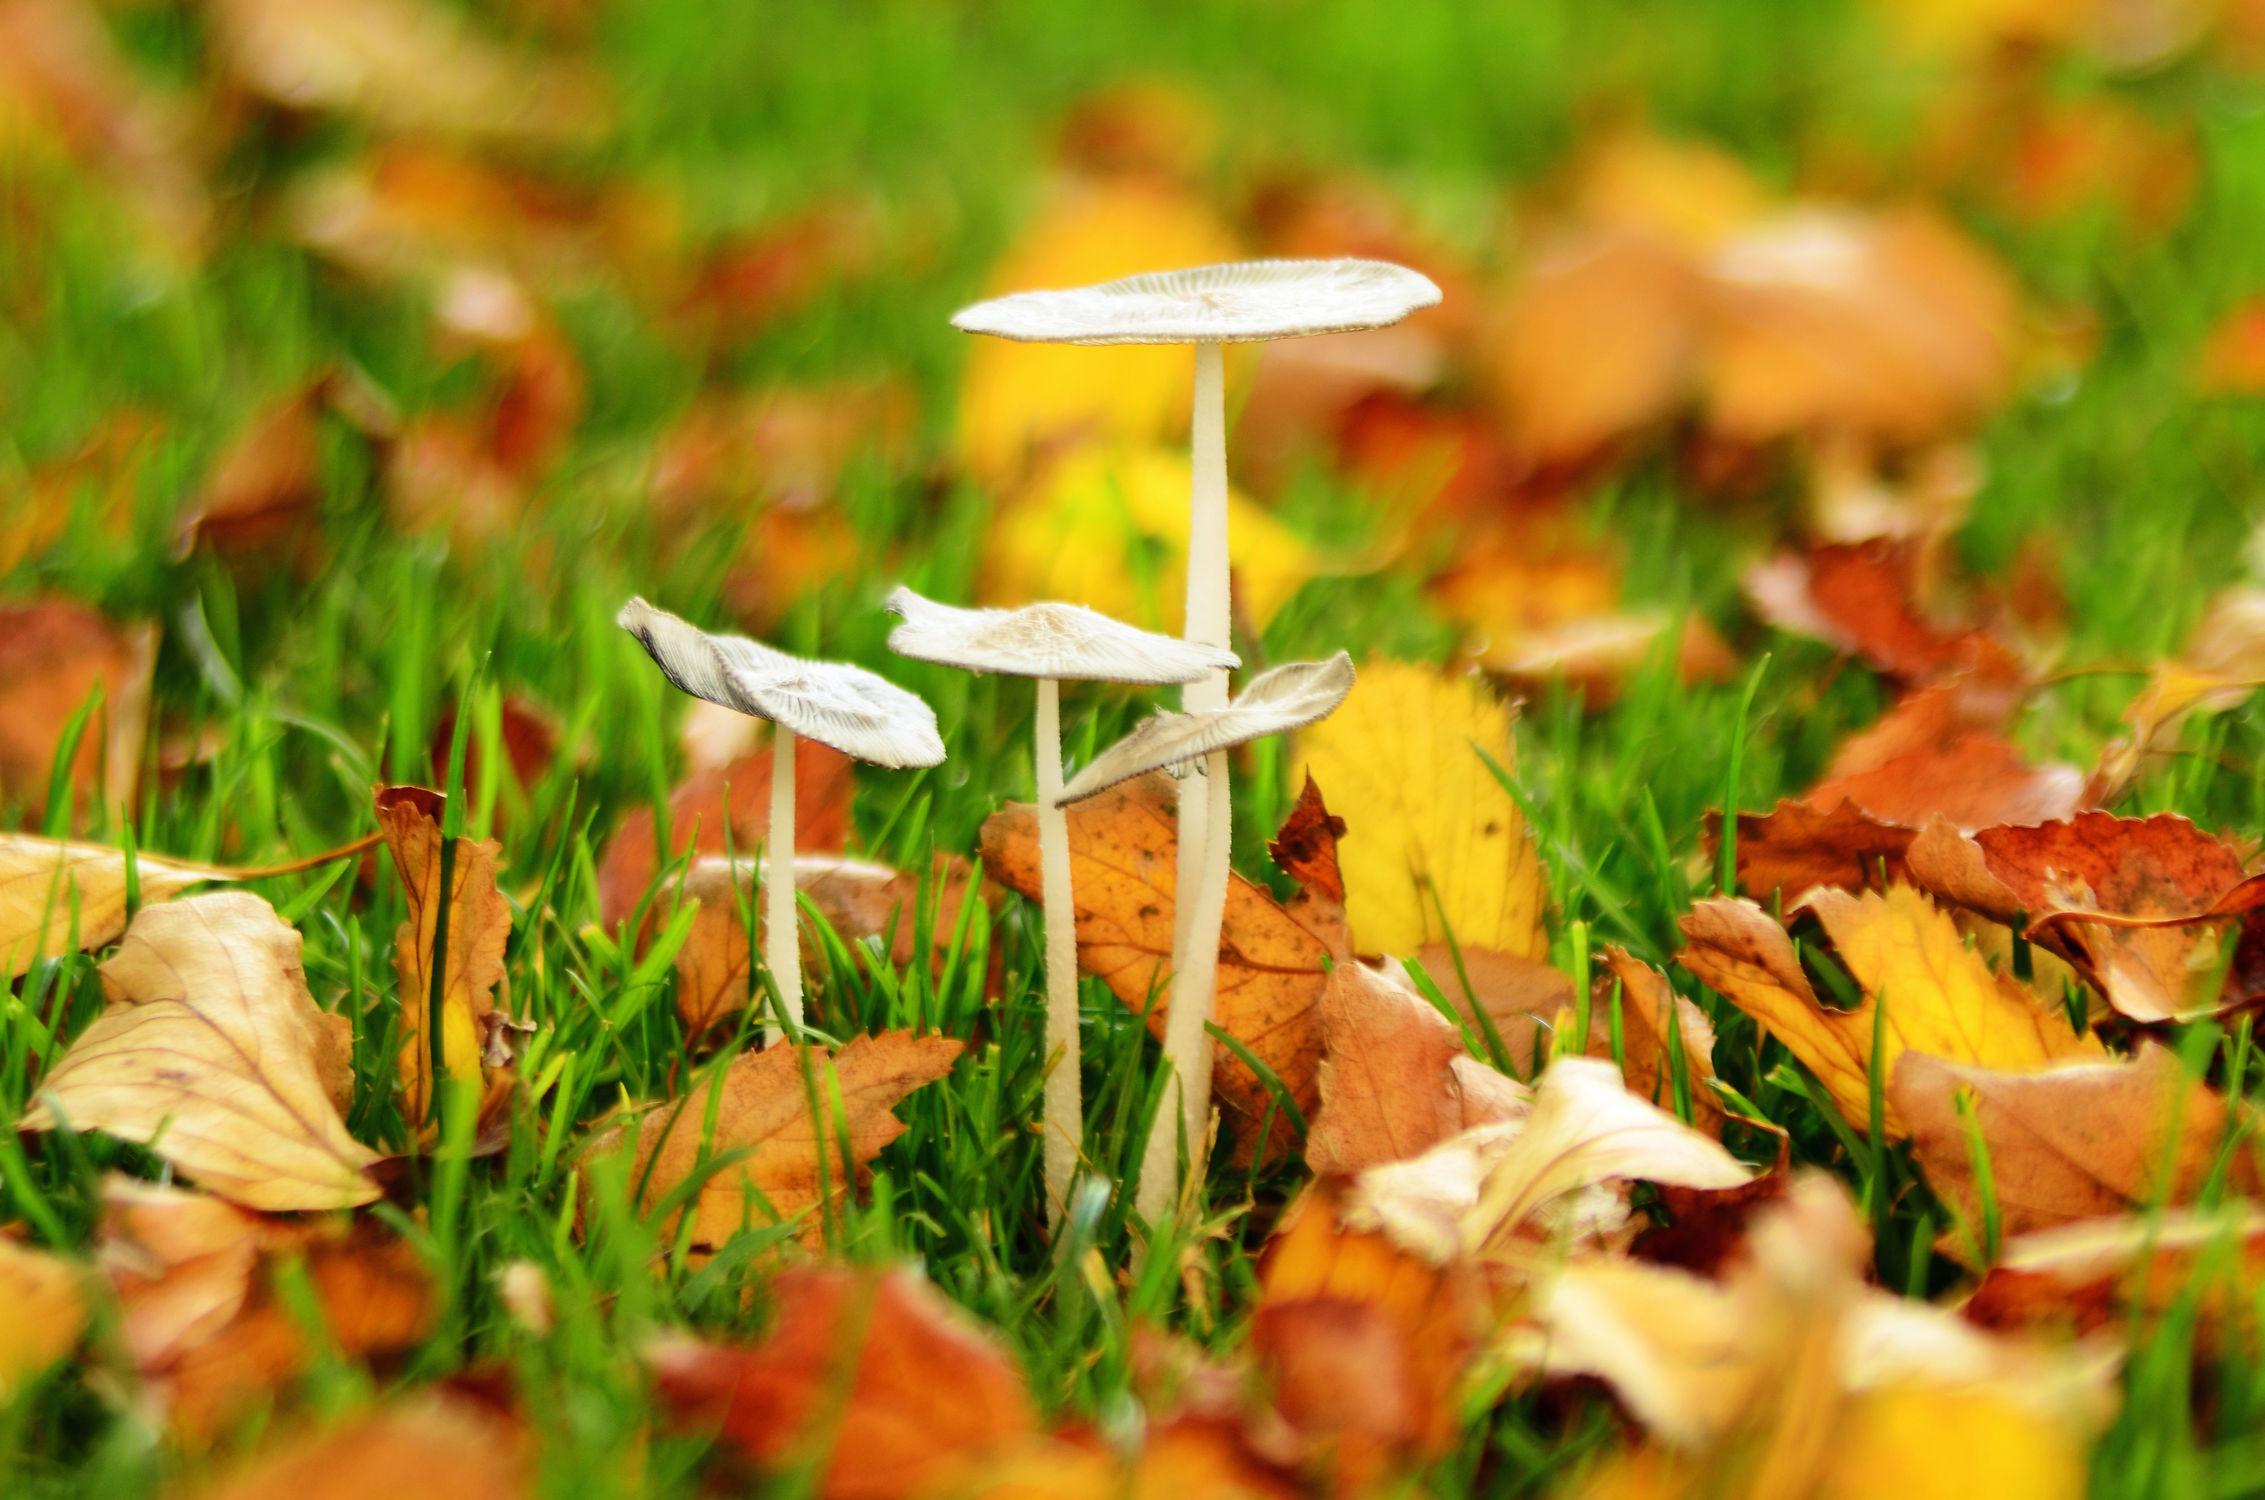 Bild mit Natur, Herbst, Blätter, Lebewesen, Gegenlicht, Licht, Pilze, Rasen, herbstlich, Idylle, pilz, Ostfriese